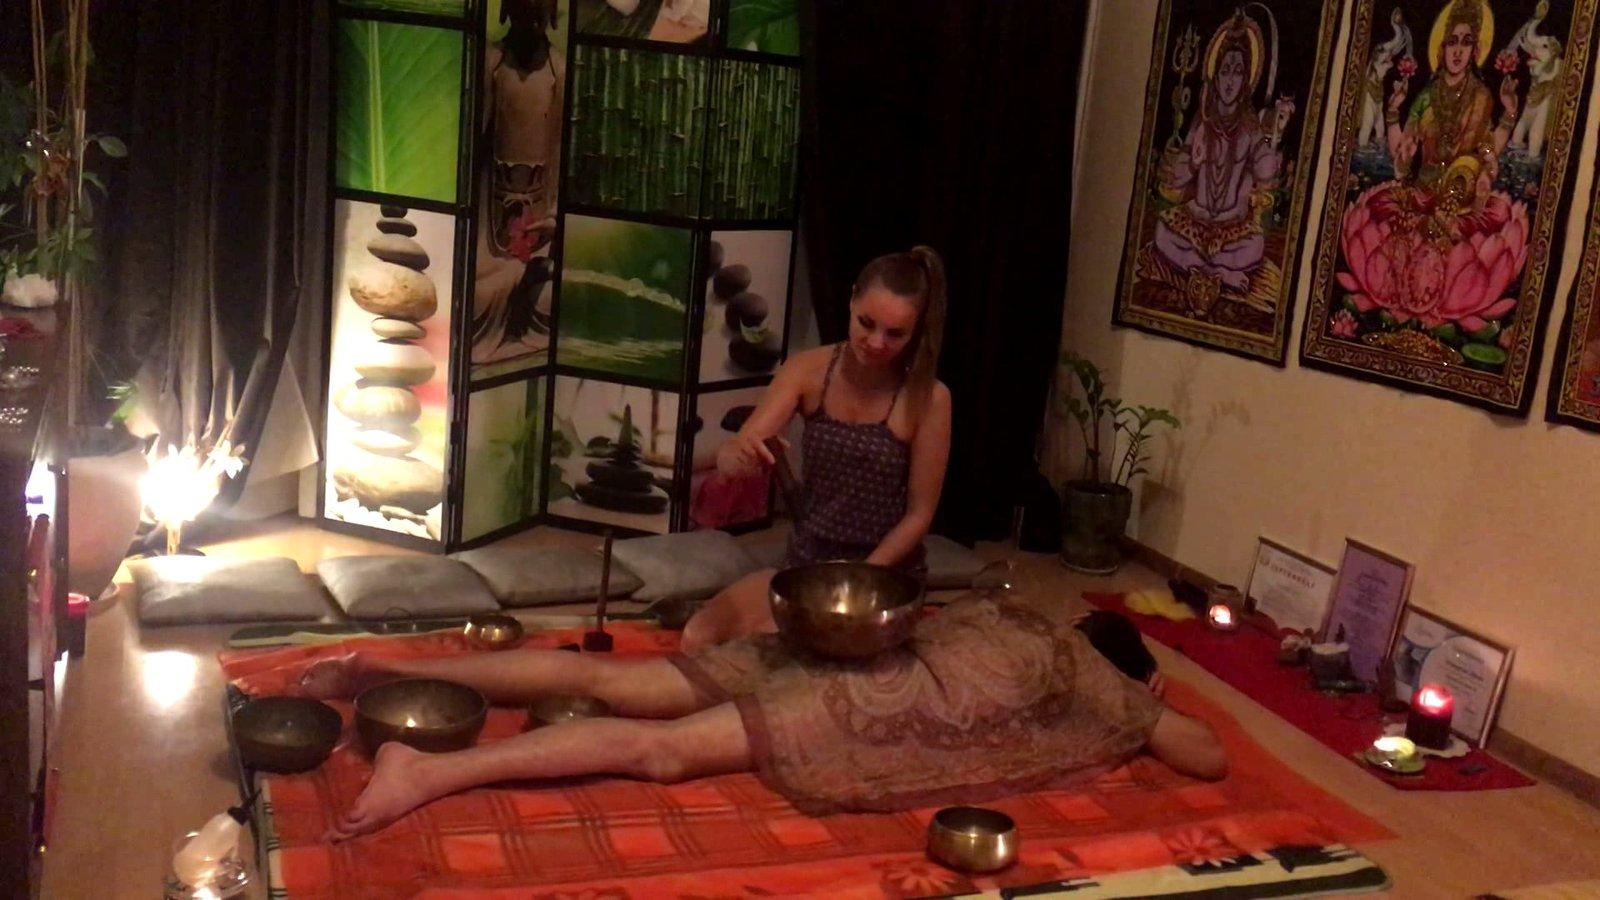 тантрическая массаж ролики - 1